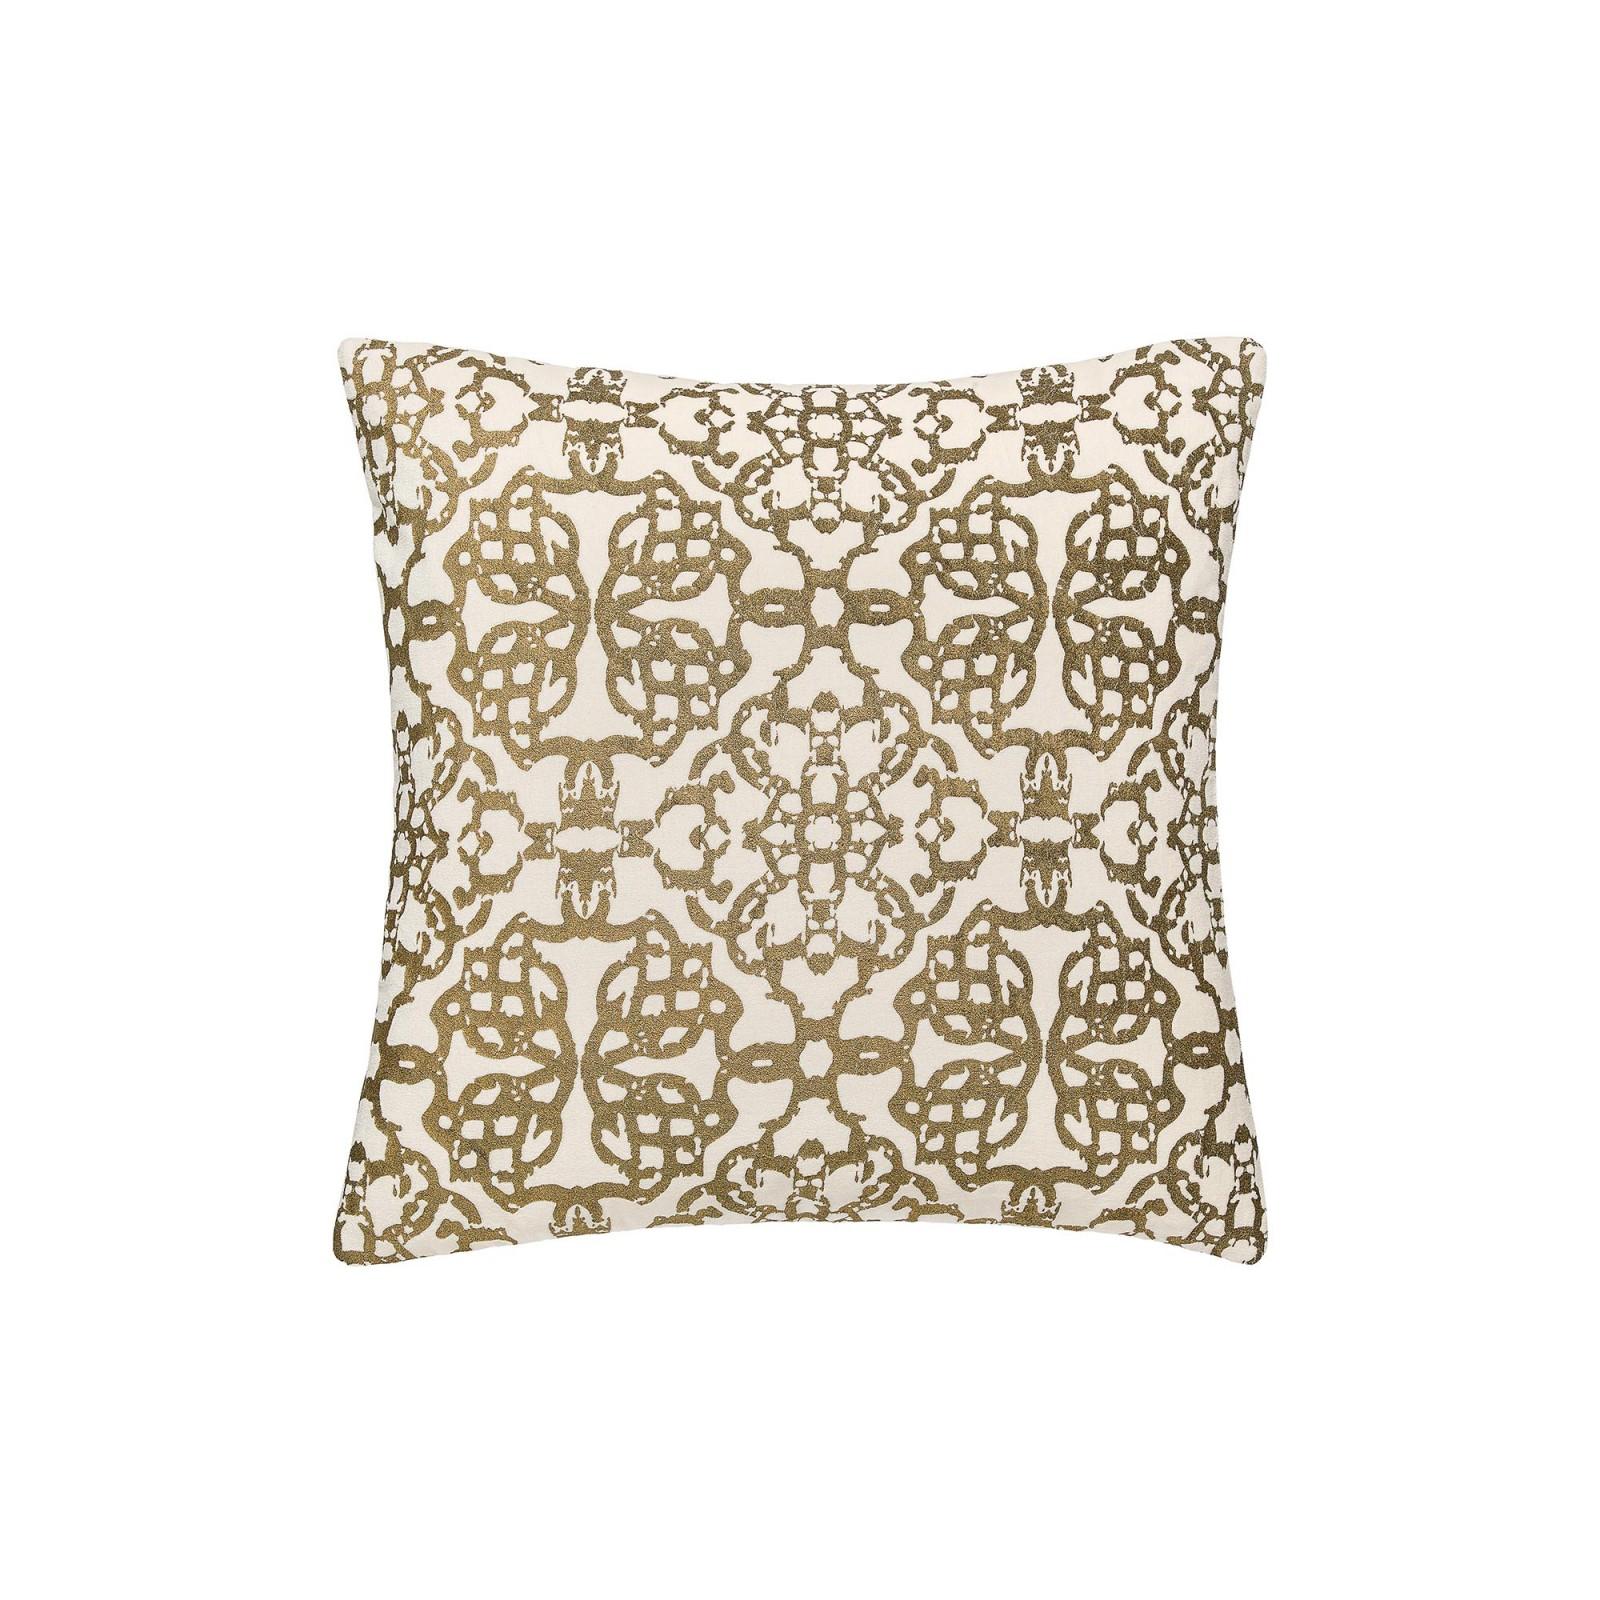 Декоративные подушки Togas Декоративная подушка Шарлотта Цвет: Экрю (45х45) подушки декоративные togas декоративная подушка